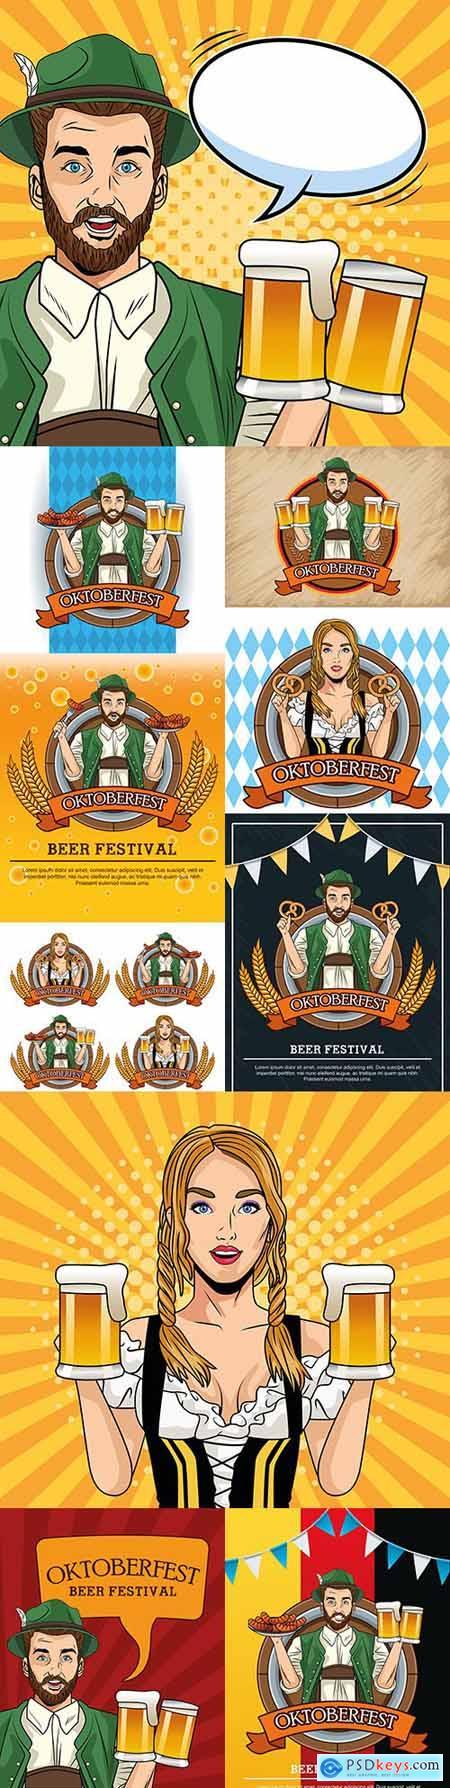 Oktoberfest festival beer party vintage illustration 6